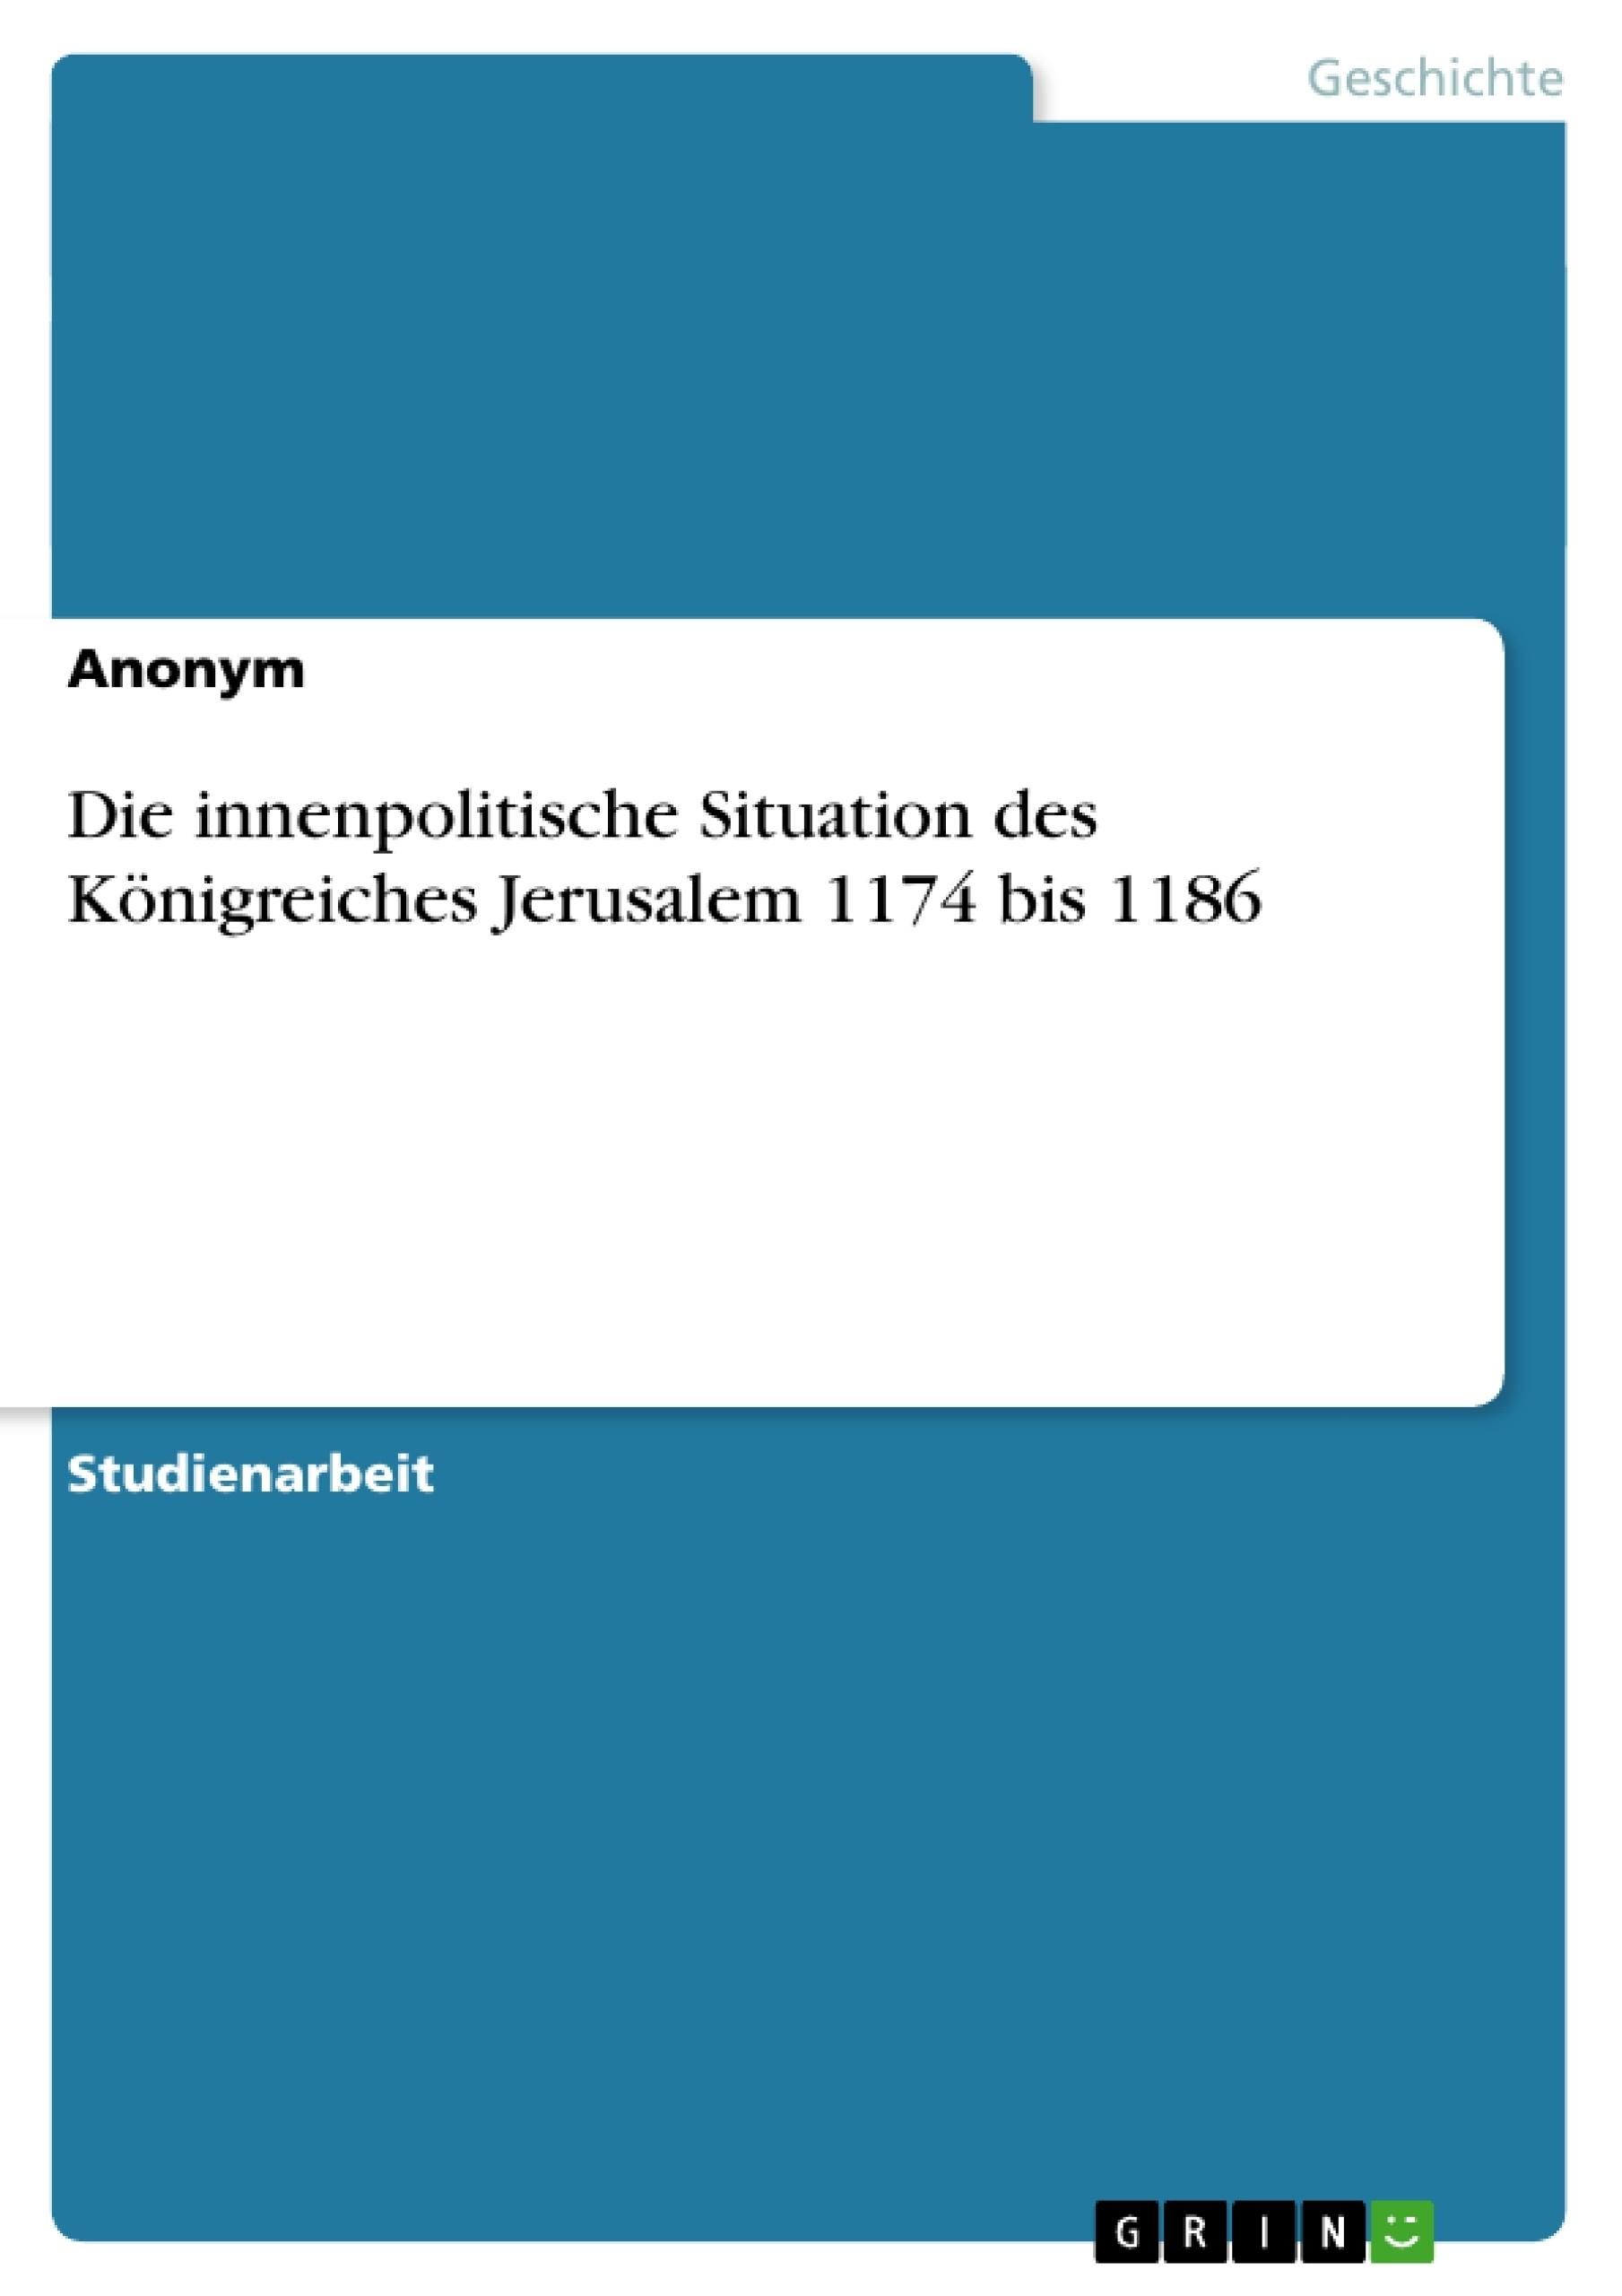 Titel: Die innenpolitische Situation des Königreiches Jerusalem 1174 bis 1186